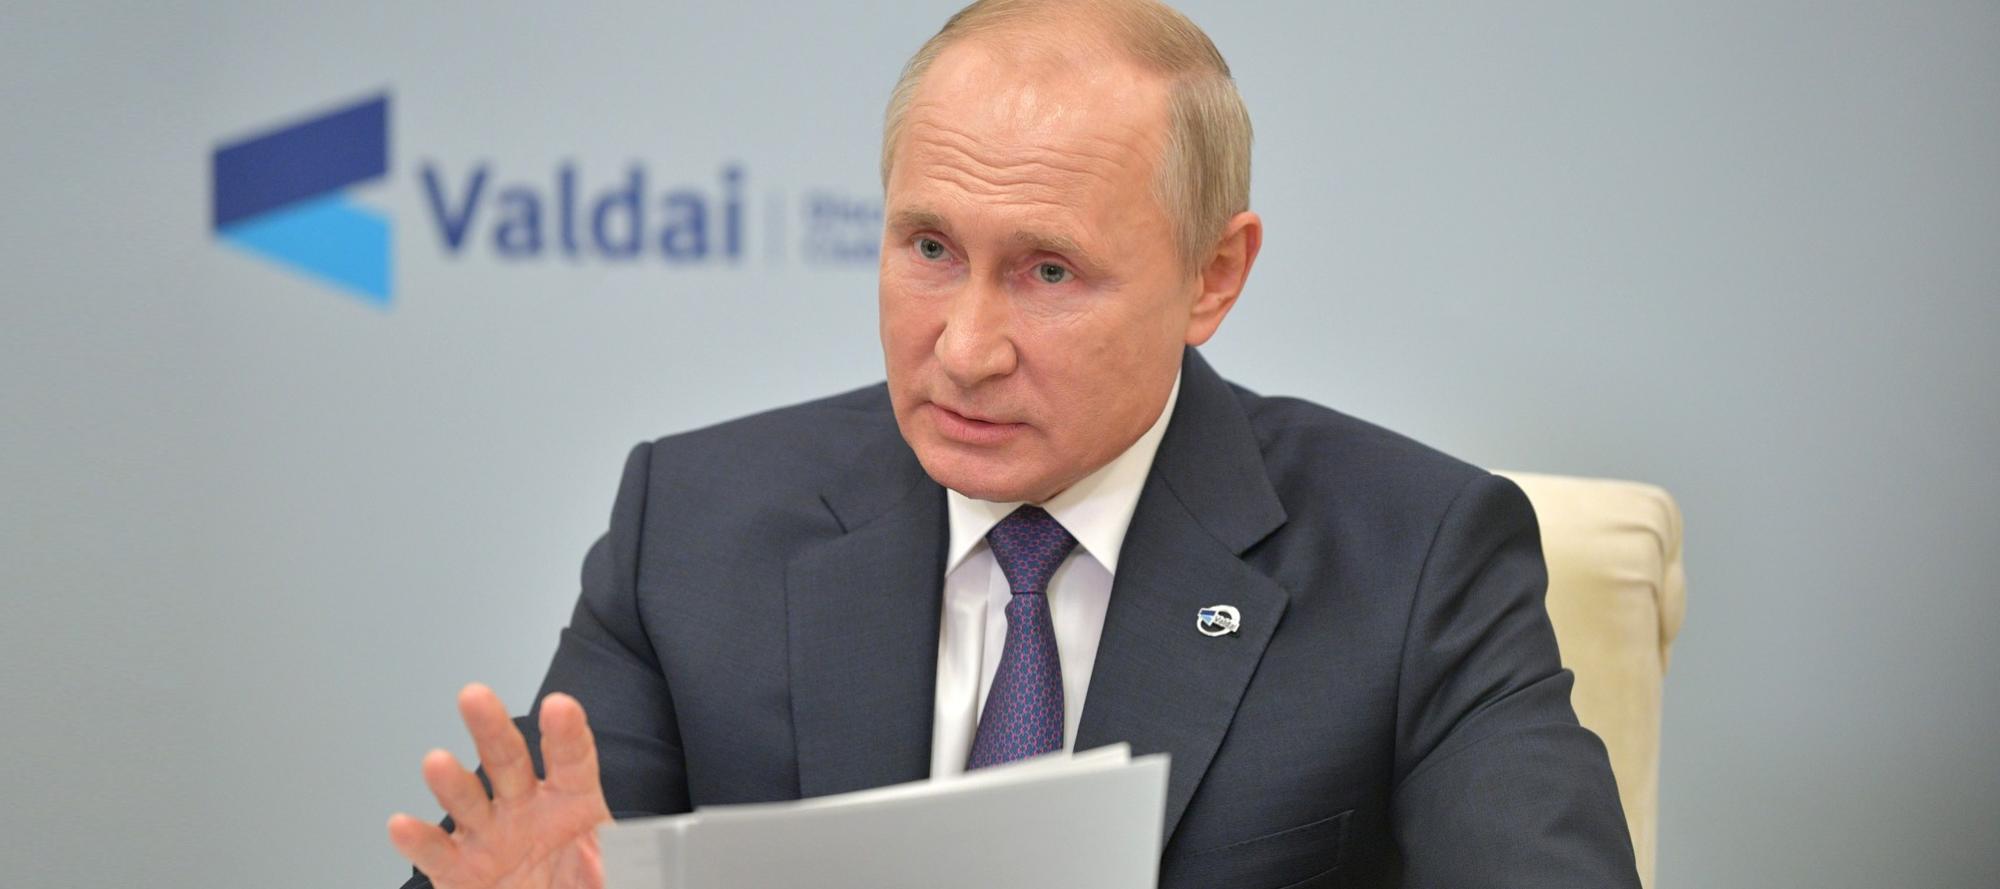 Сильное государство как ответ на глобальные вызовы. В. Путин выступил на заседании дискуссионного клуба Валдай